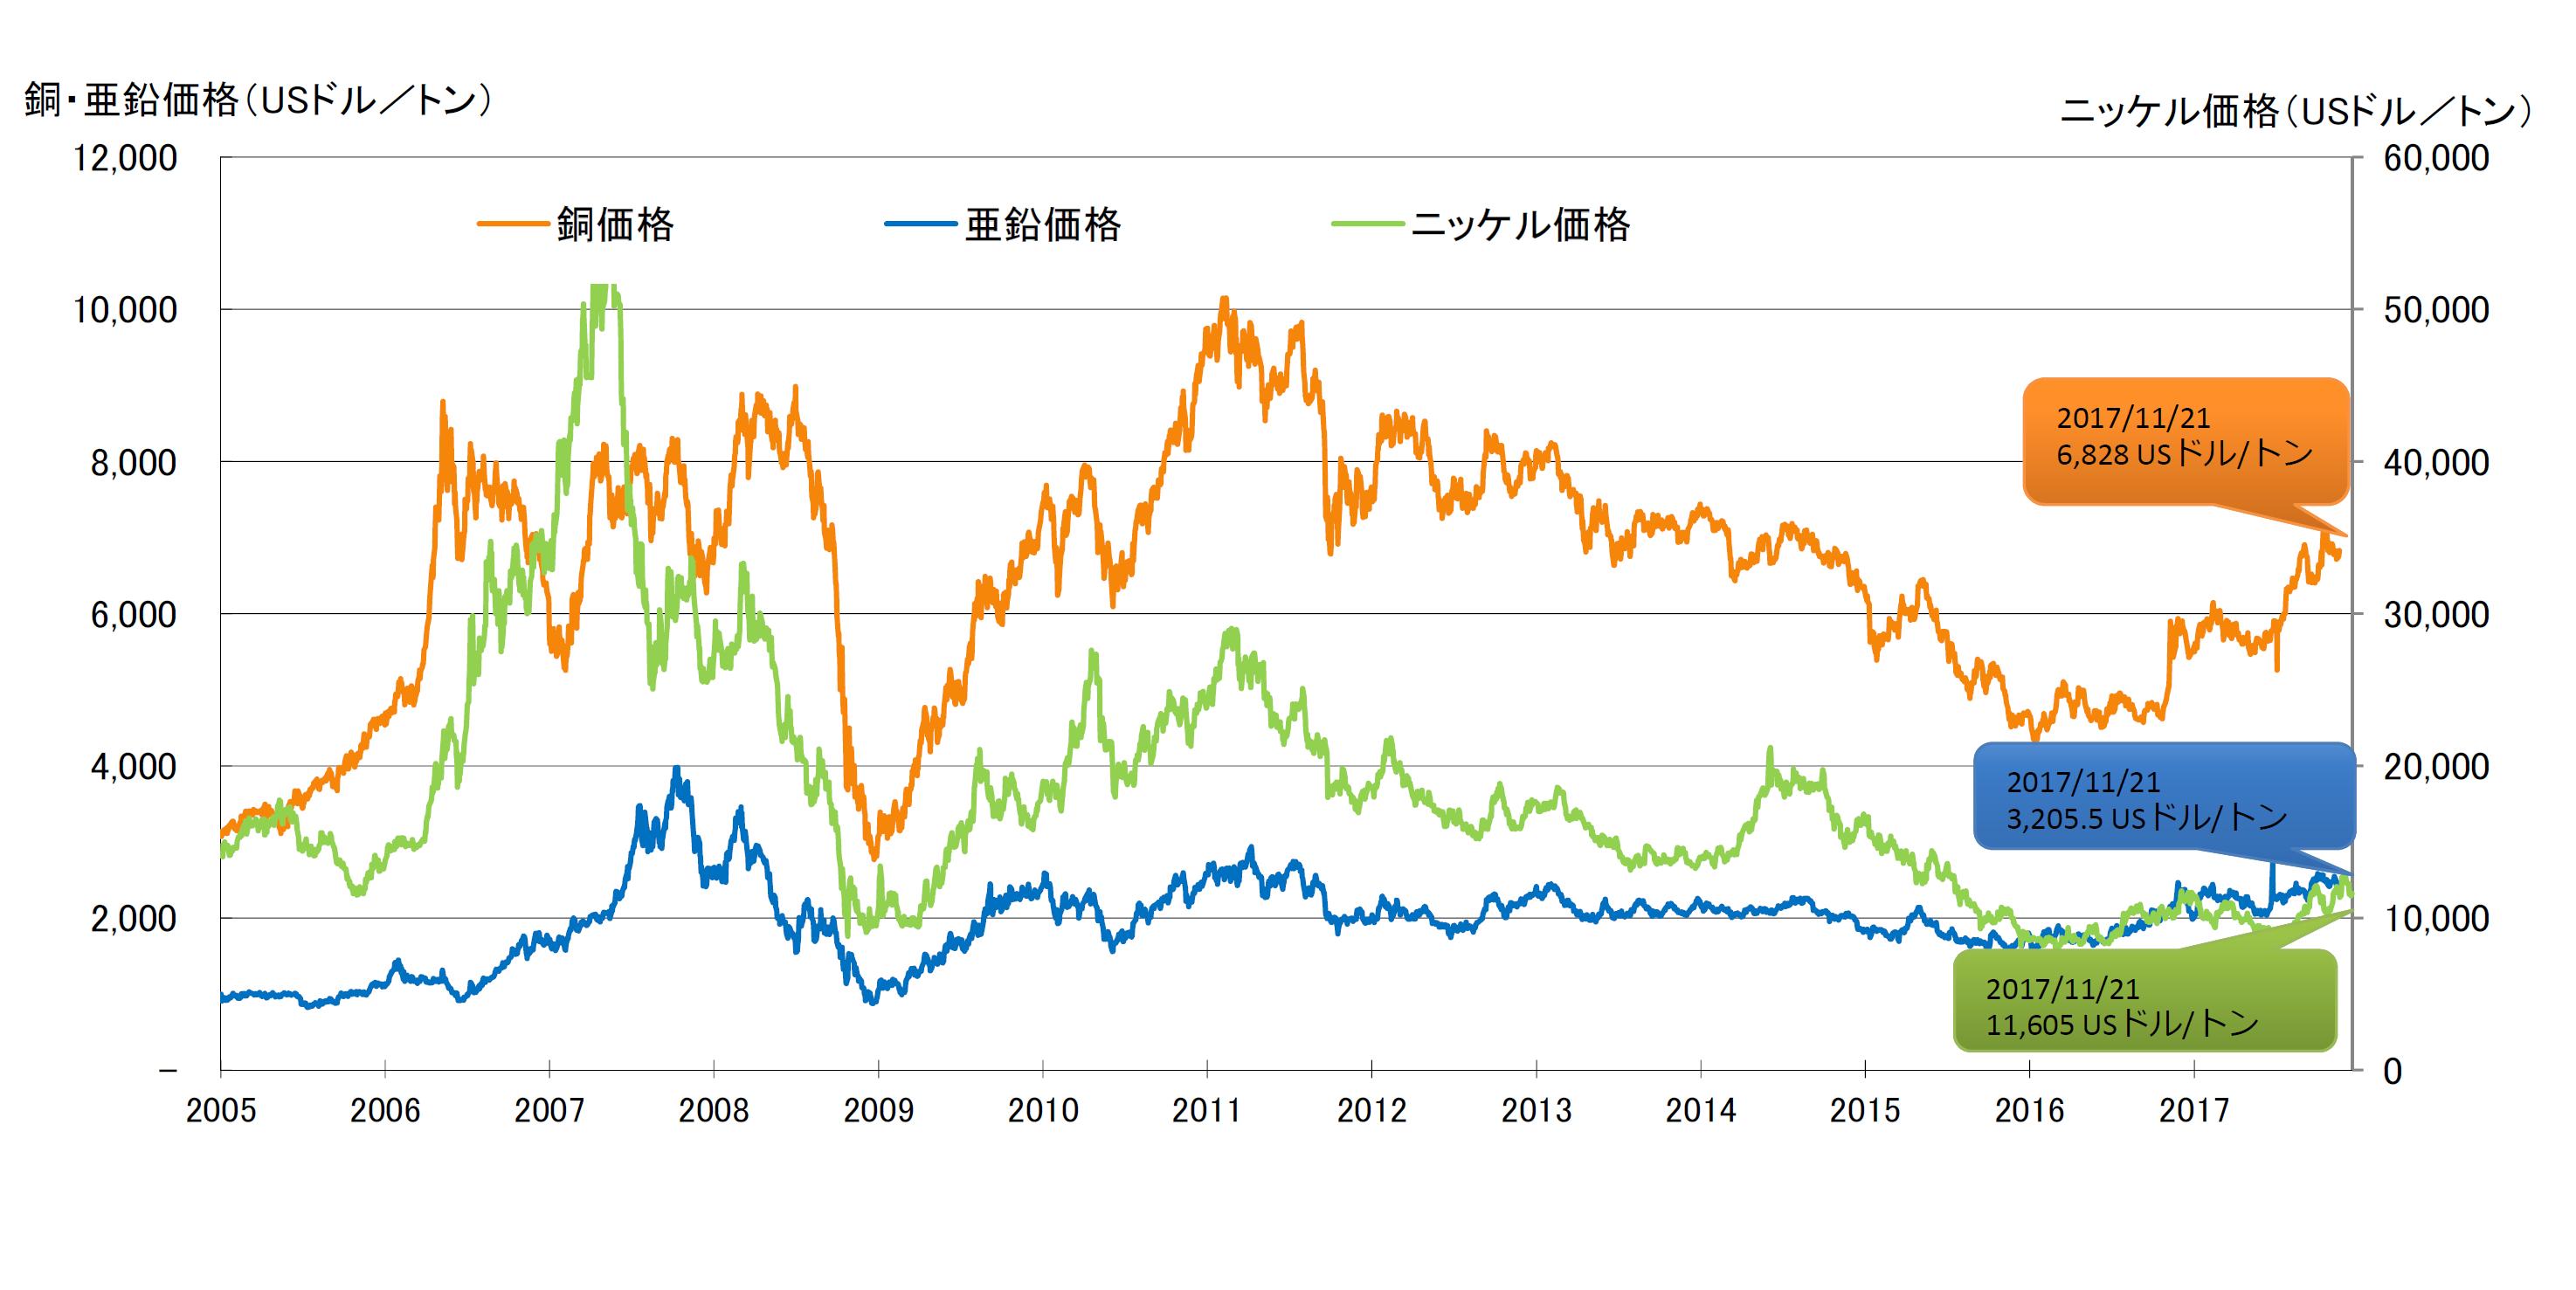 2005年から2017年にかけての、銅・亜鉛・ニッケルの価格推移を示した折れ線グラフです。